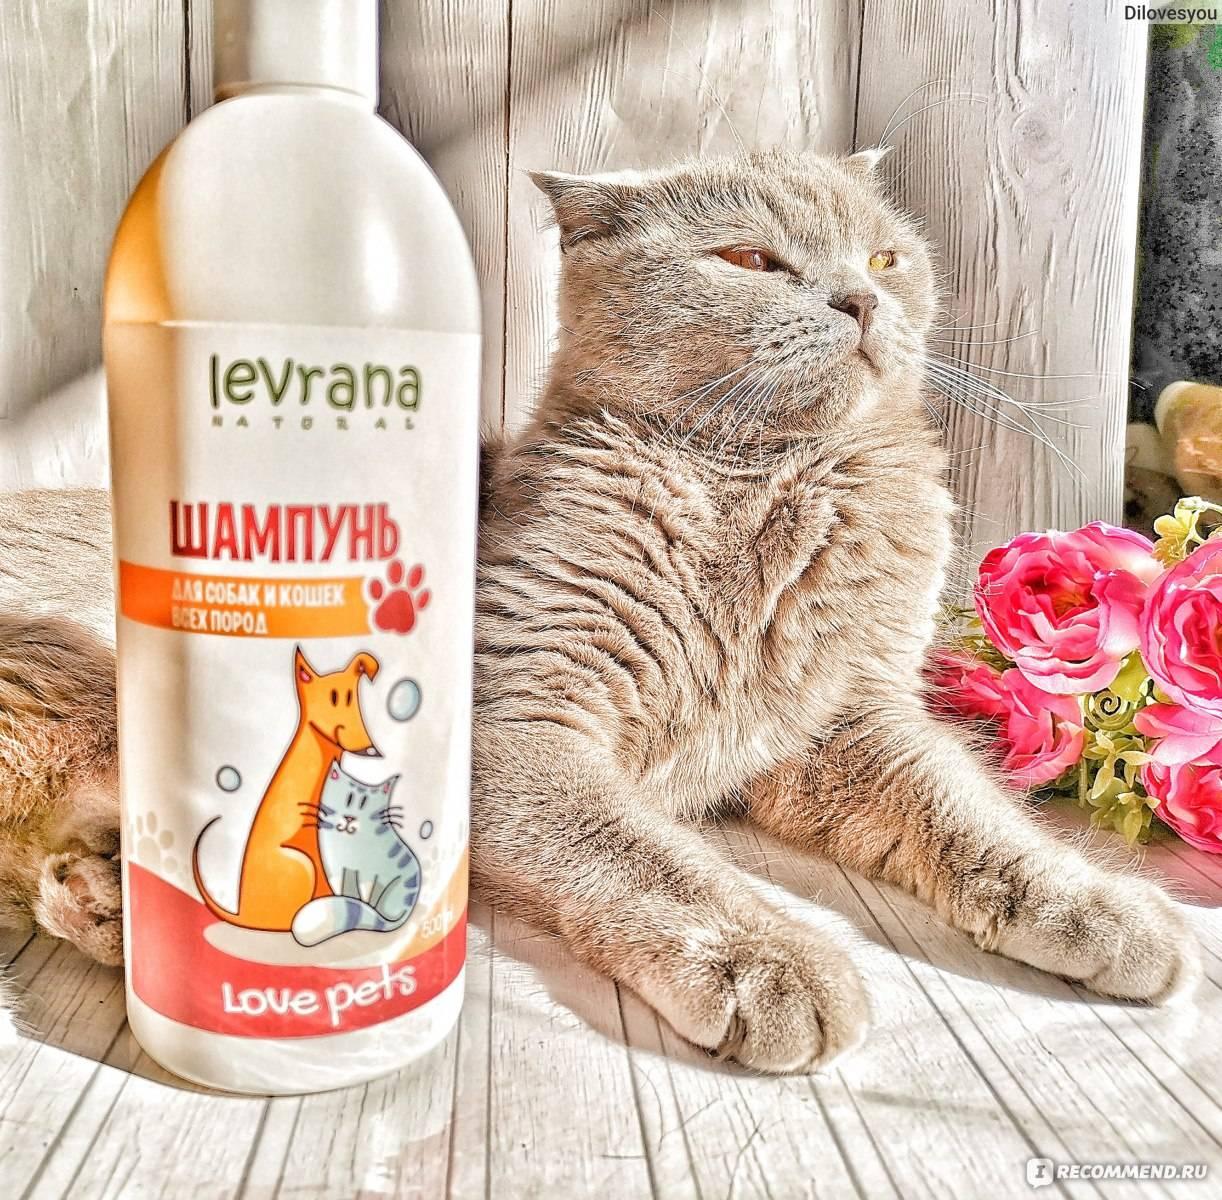 Сухой шампунь для кошки: особенности выбора и применения, популярные производители косметического продукта и отзывы владельцев животных